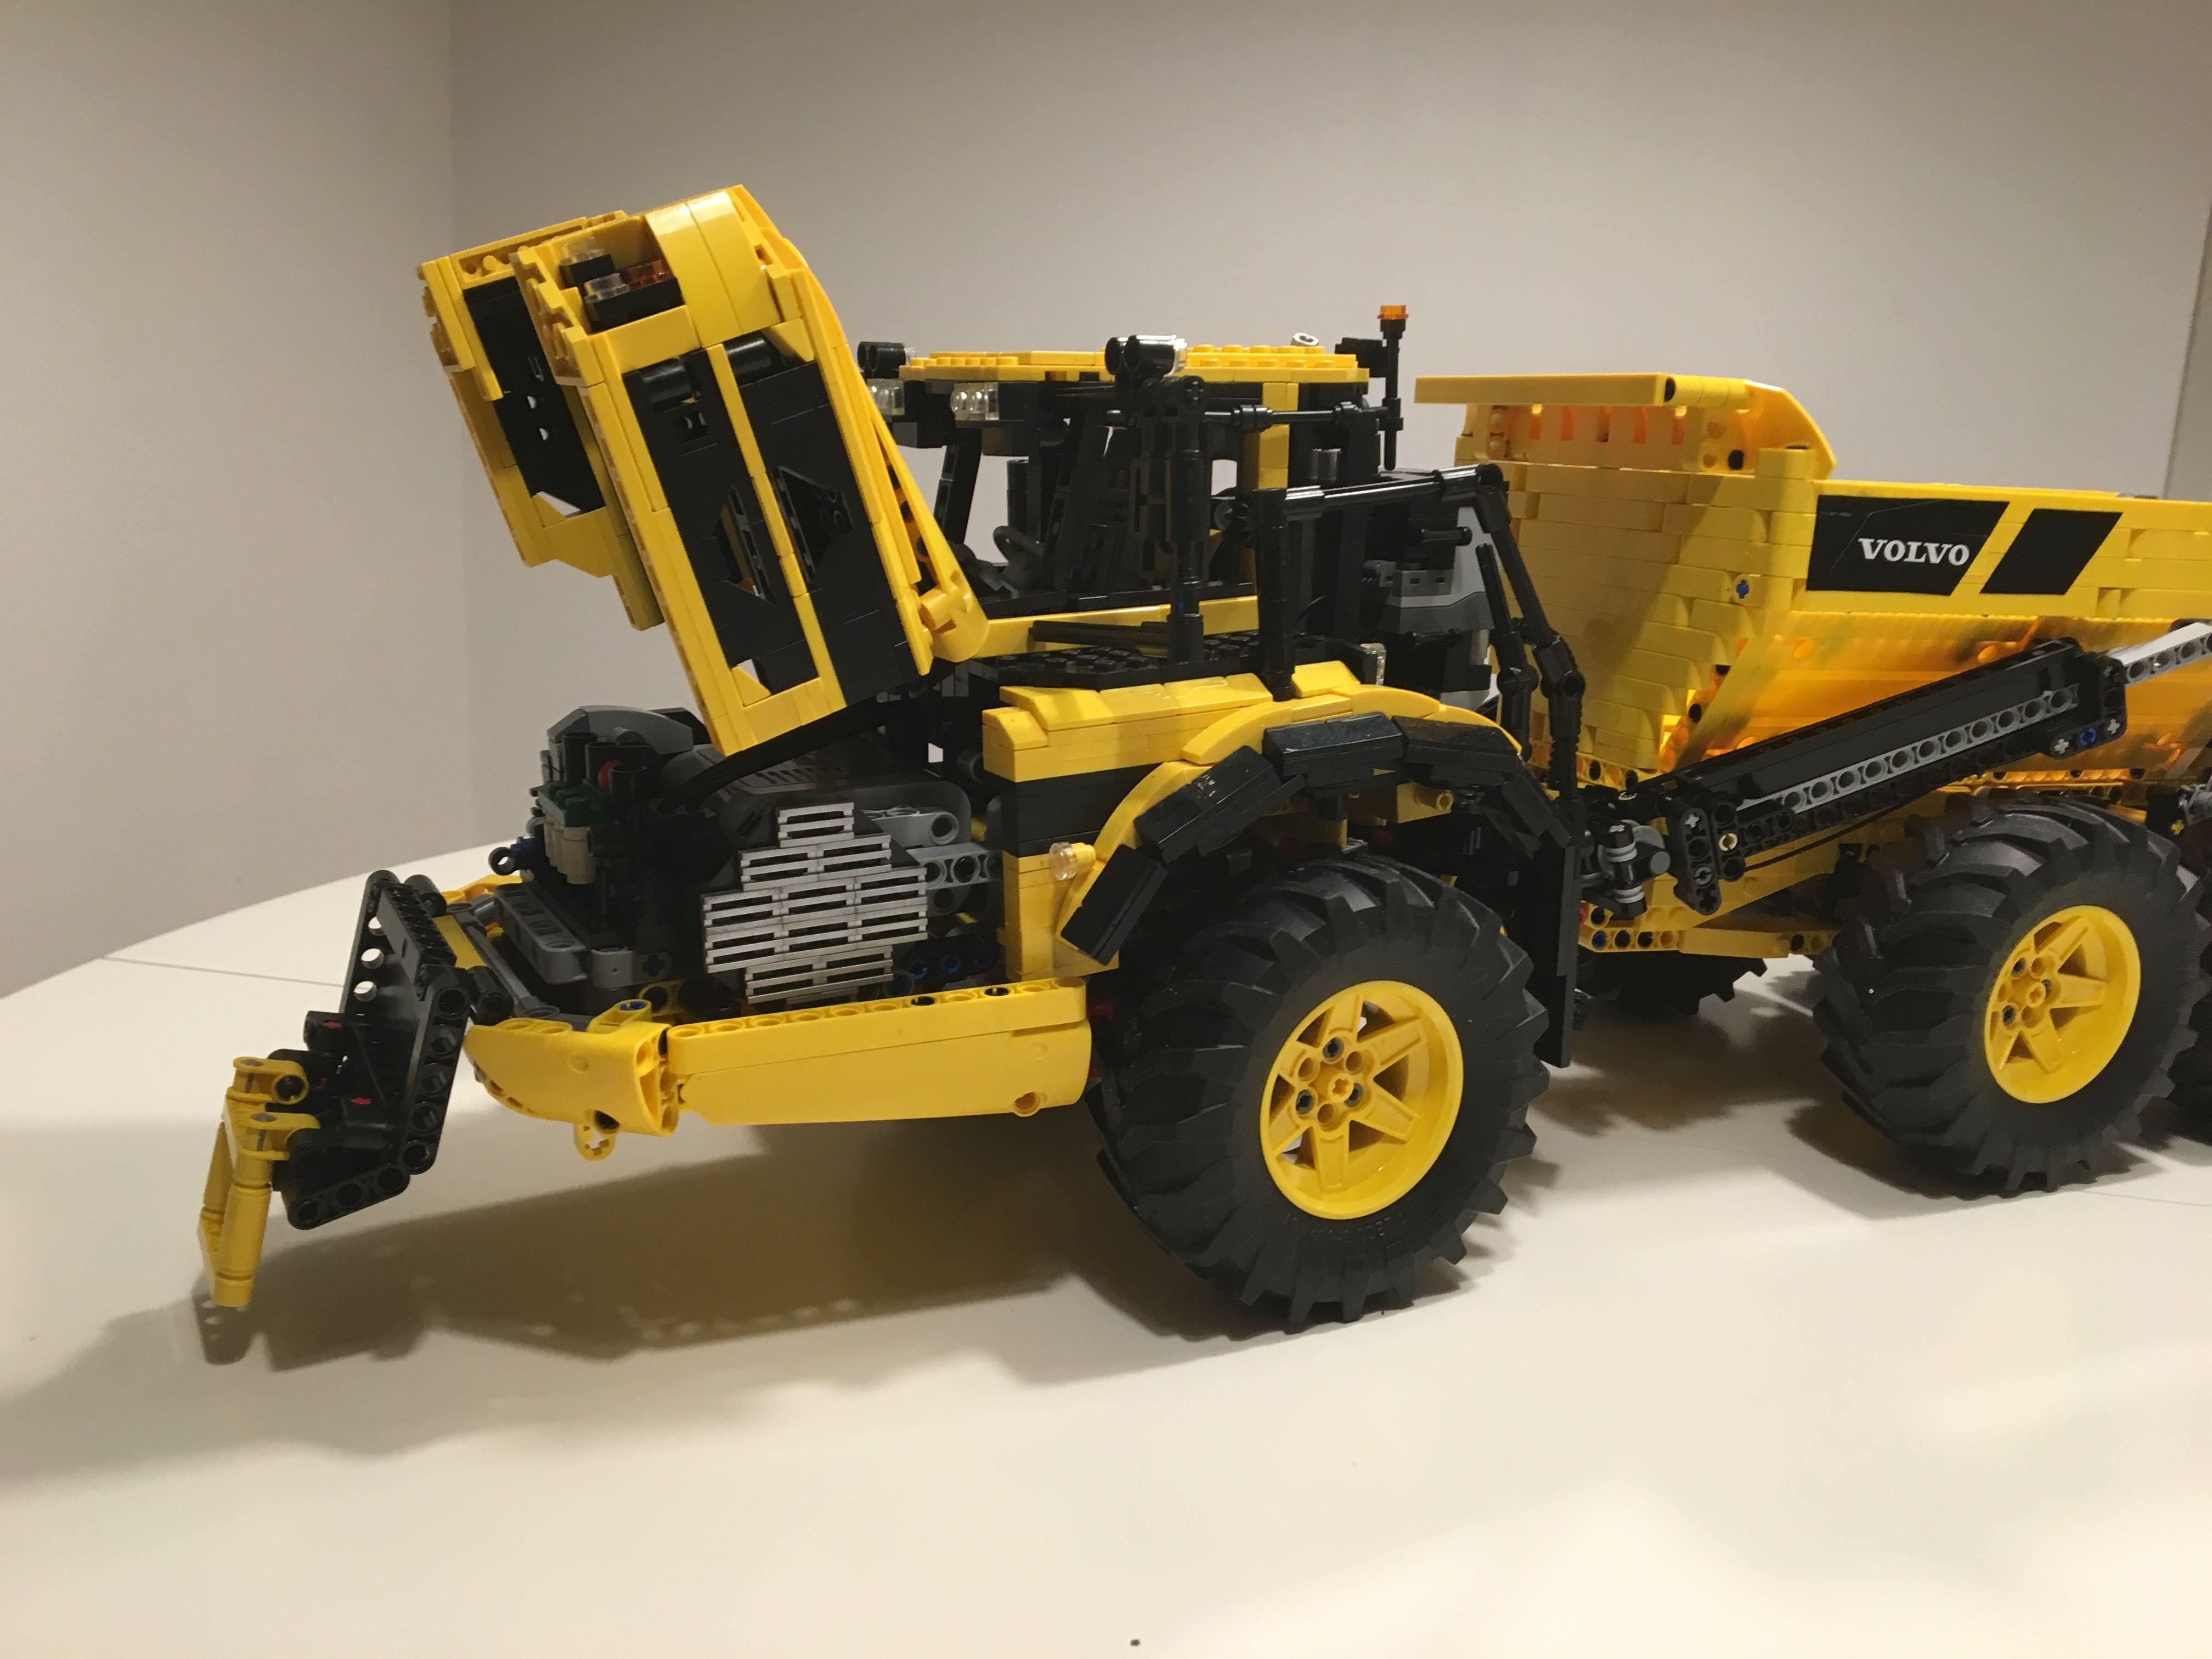 Volvo A45g Lego Lego Lego Lego Unimog Lego Moc